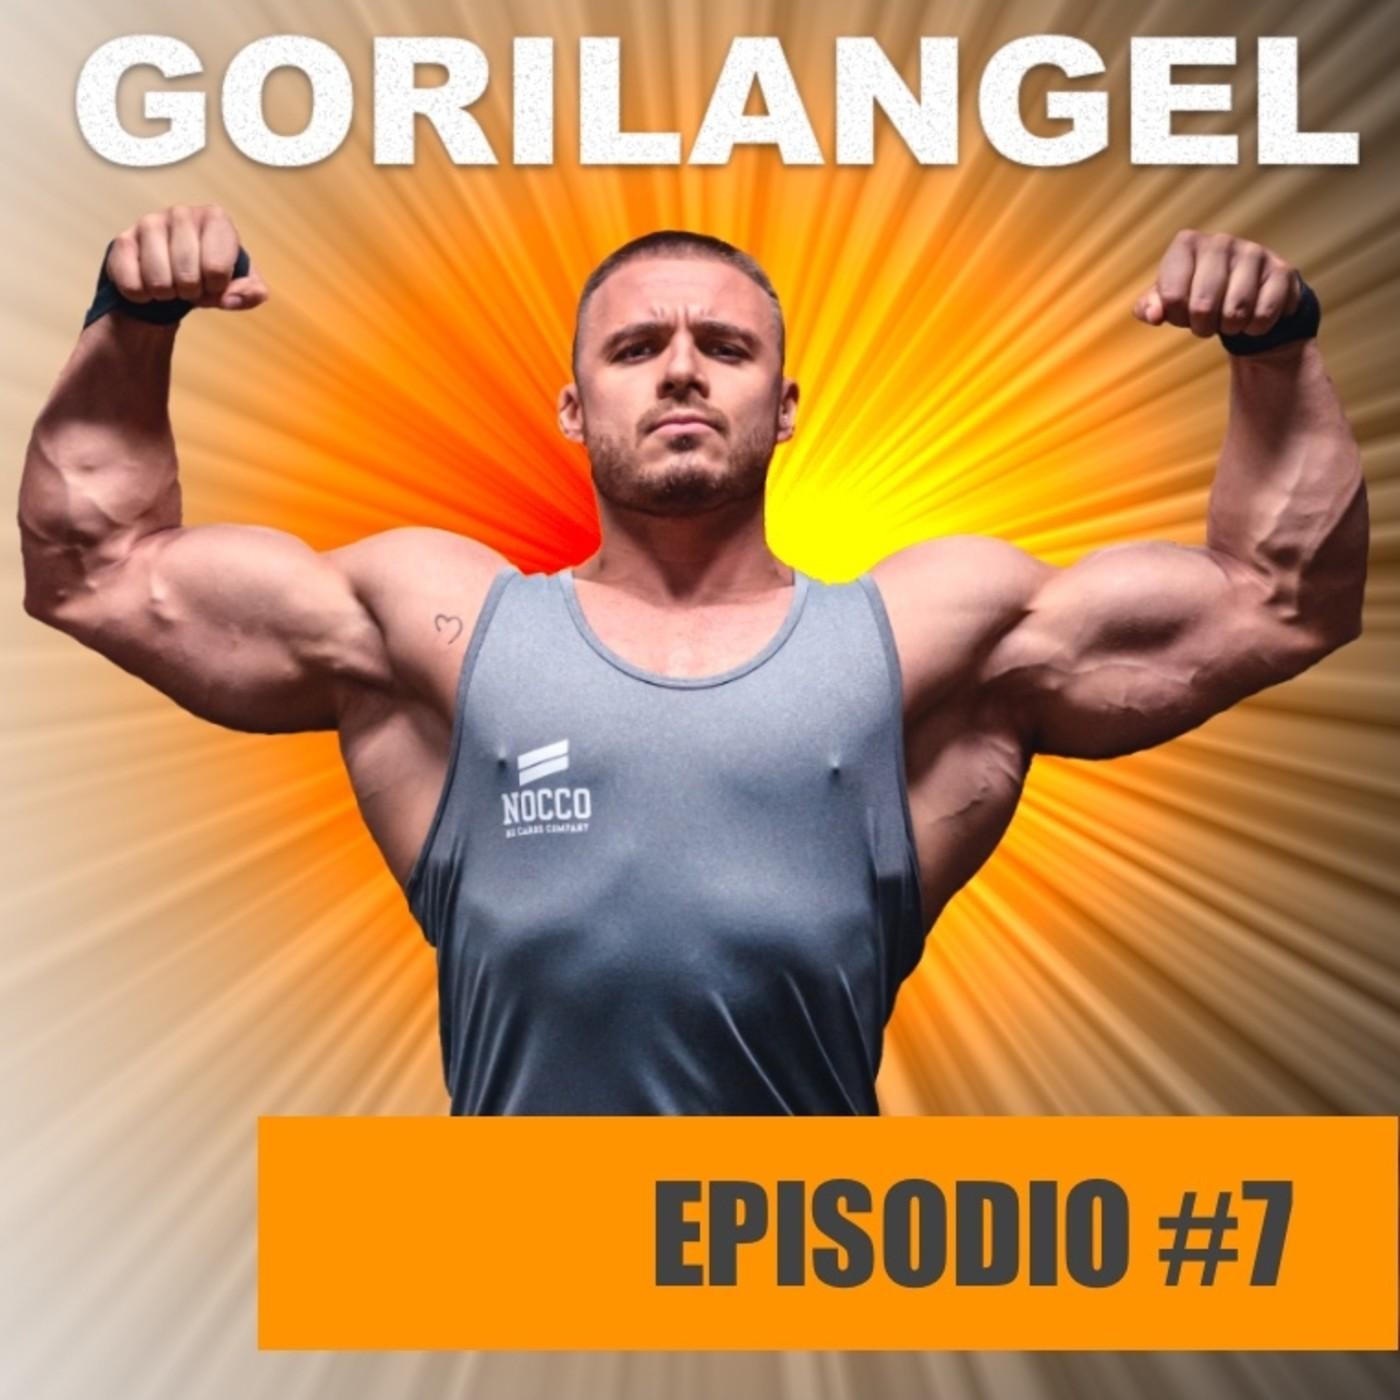 Episodio 7 con Gorilangel. Hipertrofia y suplementación. Técnicas avanzadas. Mejorar la conexión neuromuscular.